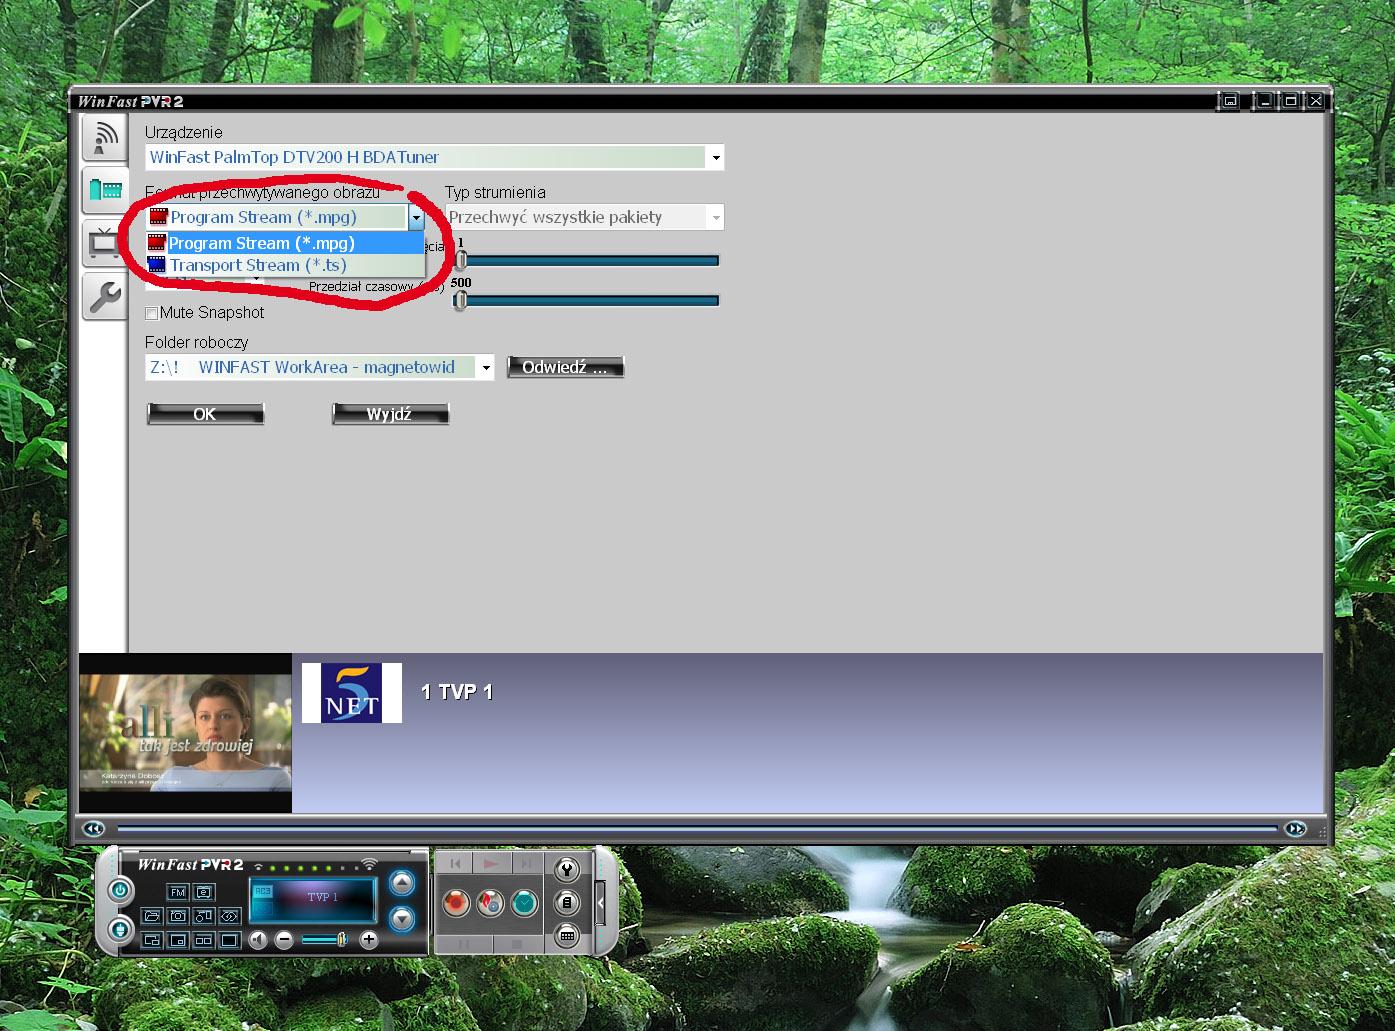 Leadtek WinFast PalmTop DTV200 H  z�e zgrywaniem z sygna�u DVB-T w PVR2 Windows.